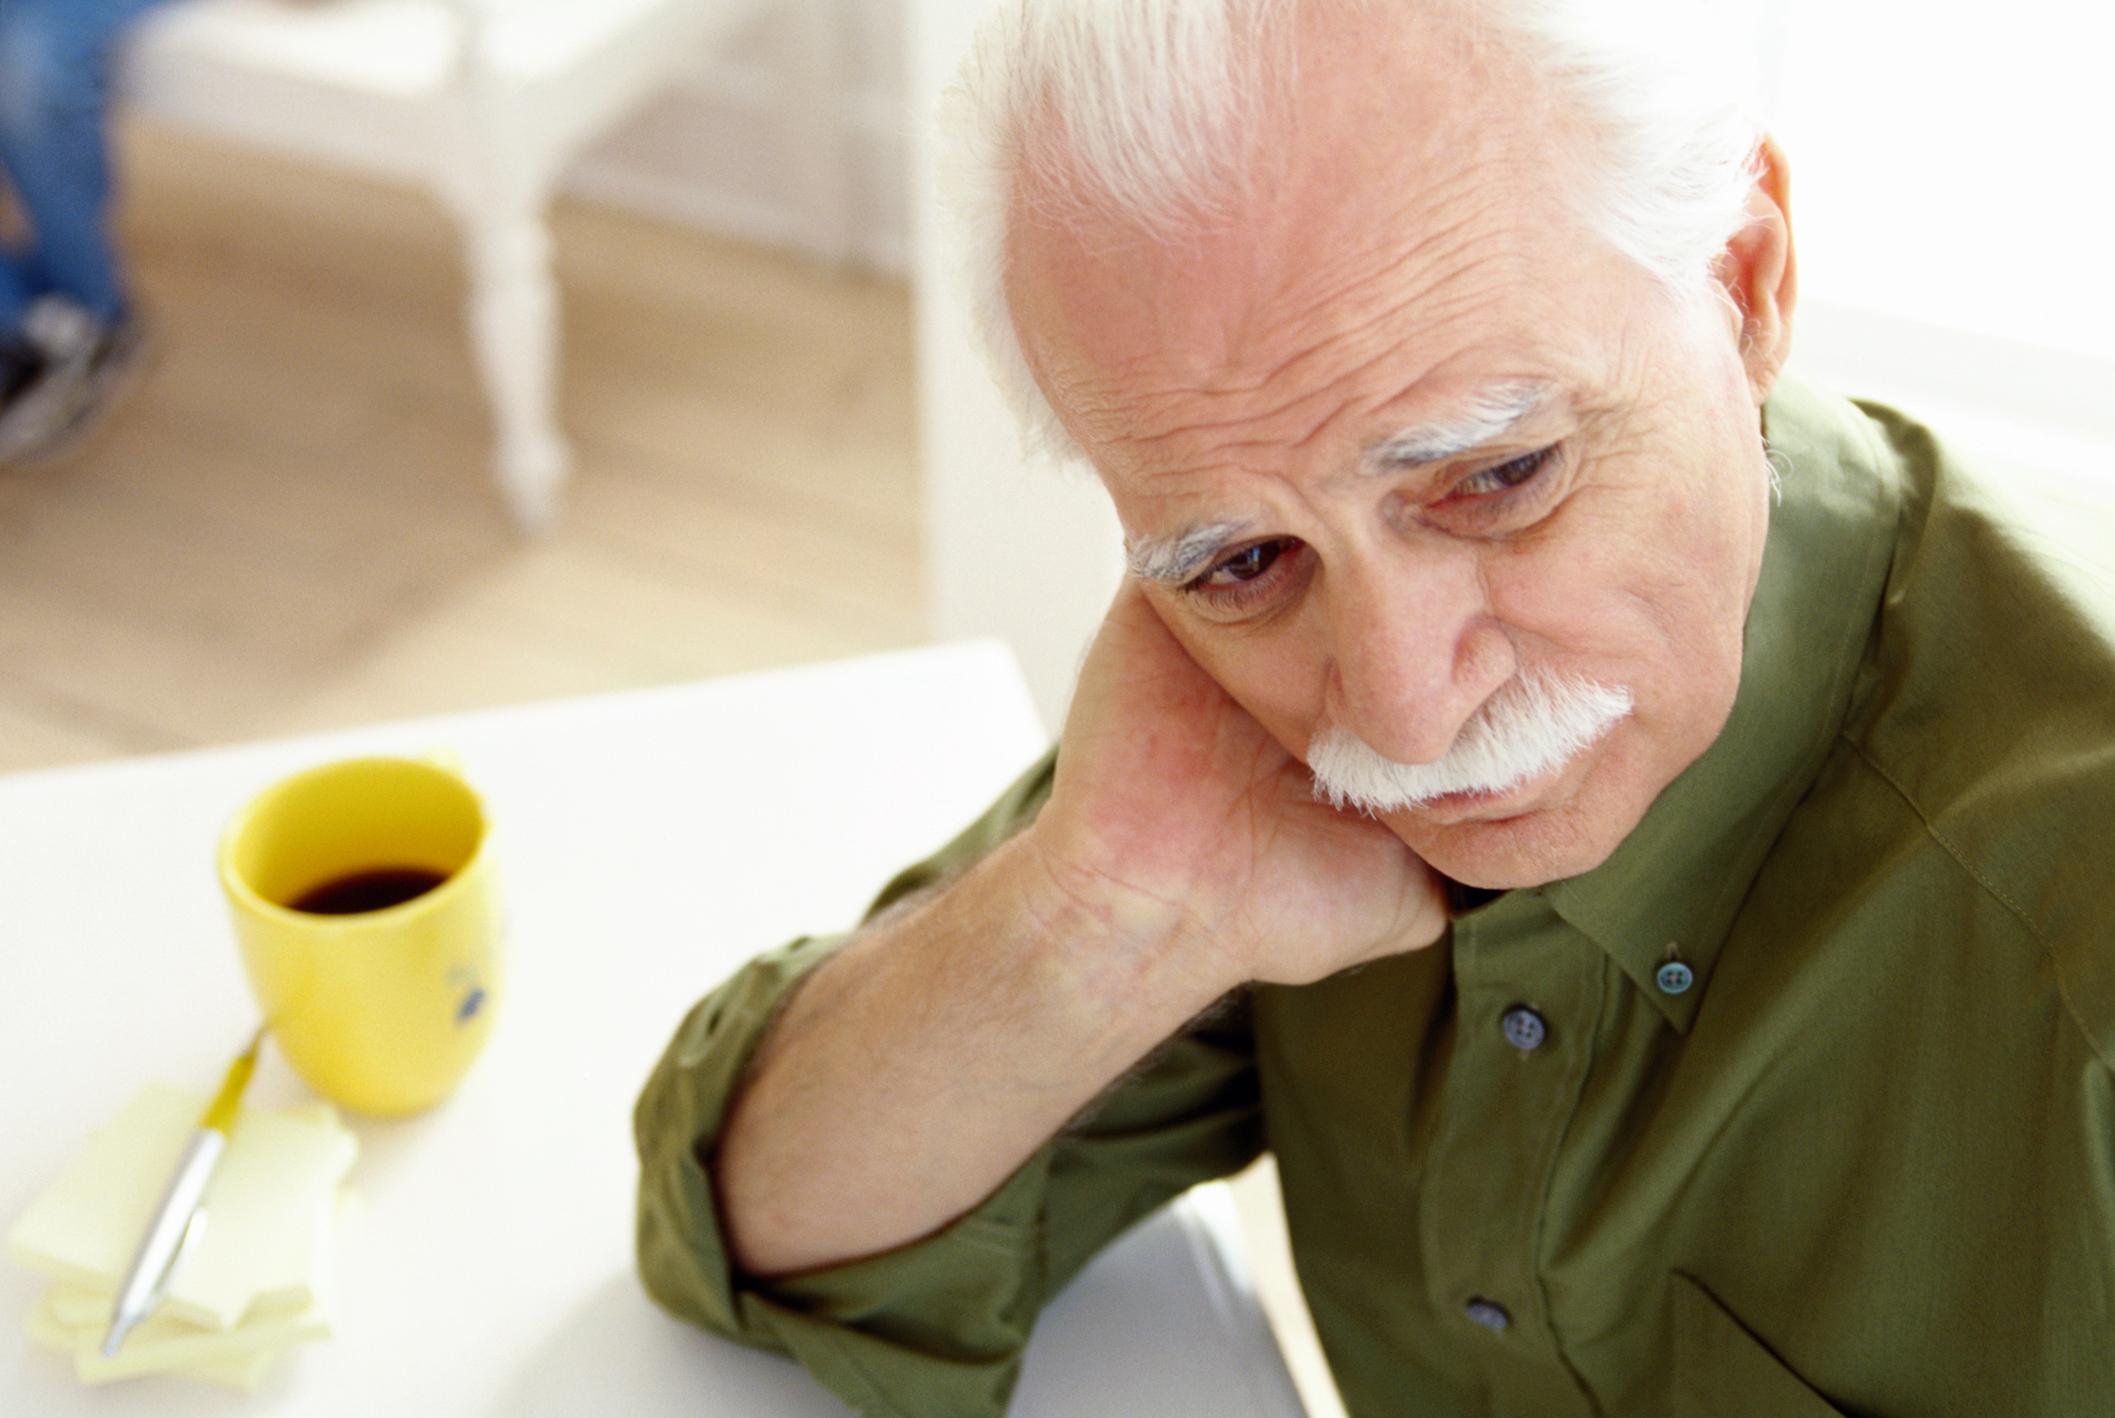 depressive symptoms in dementia patients